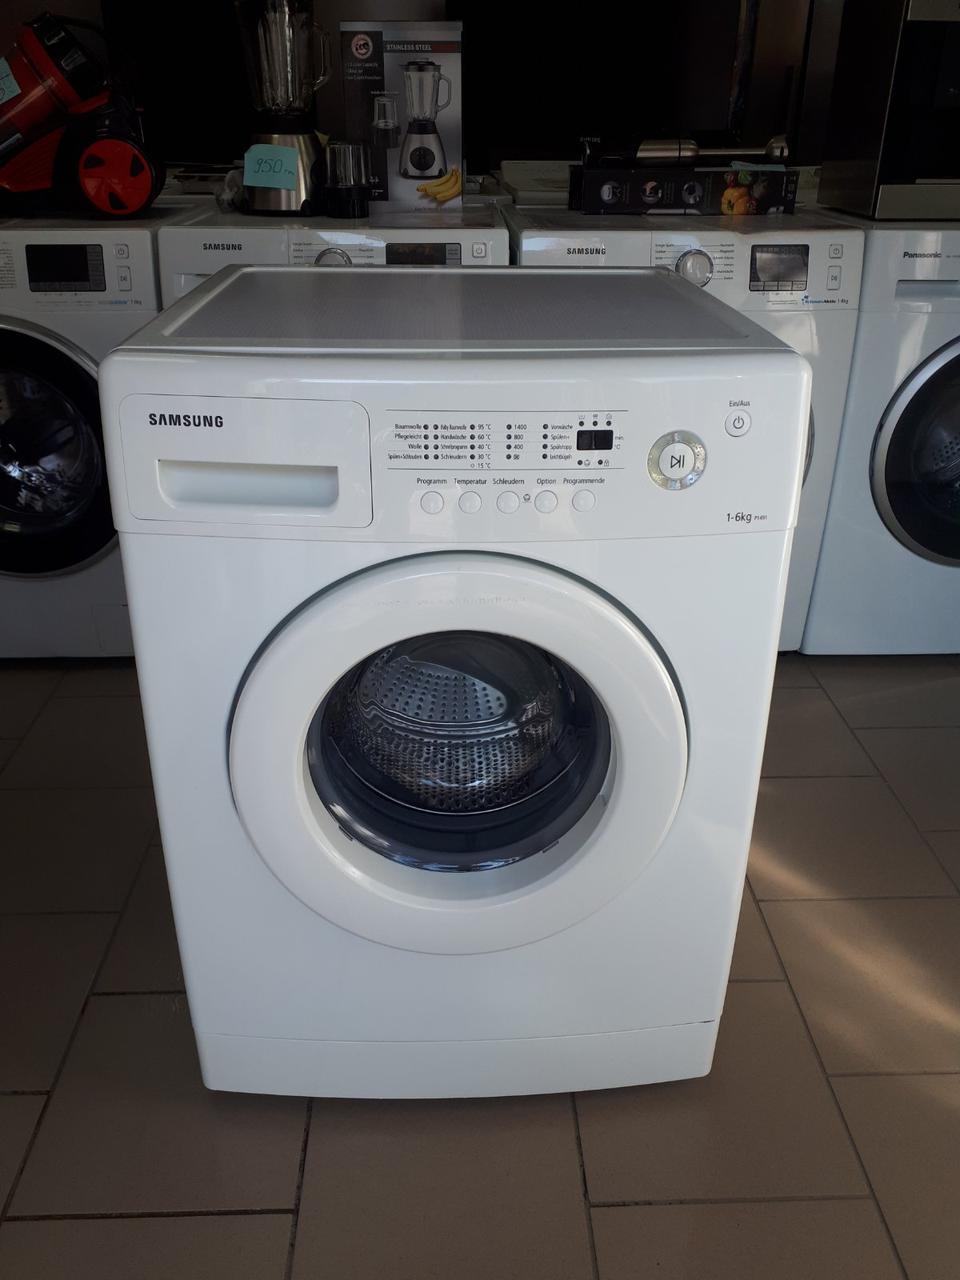 Стиральная пральна А+++ Samsung 1-6 kg с Германии Р1491